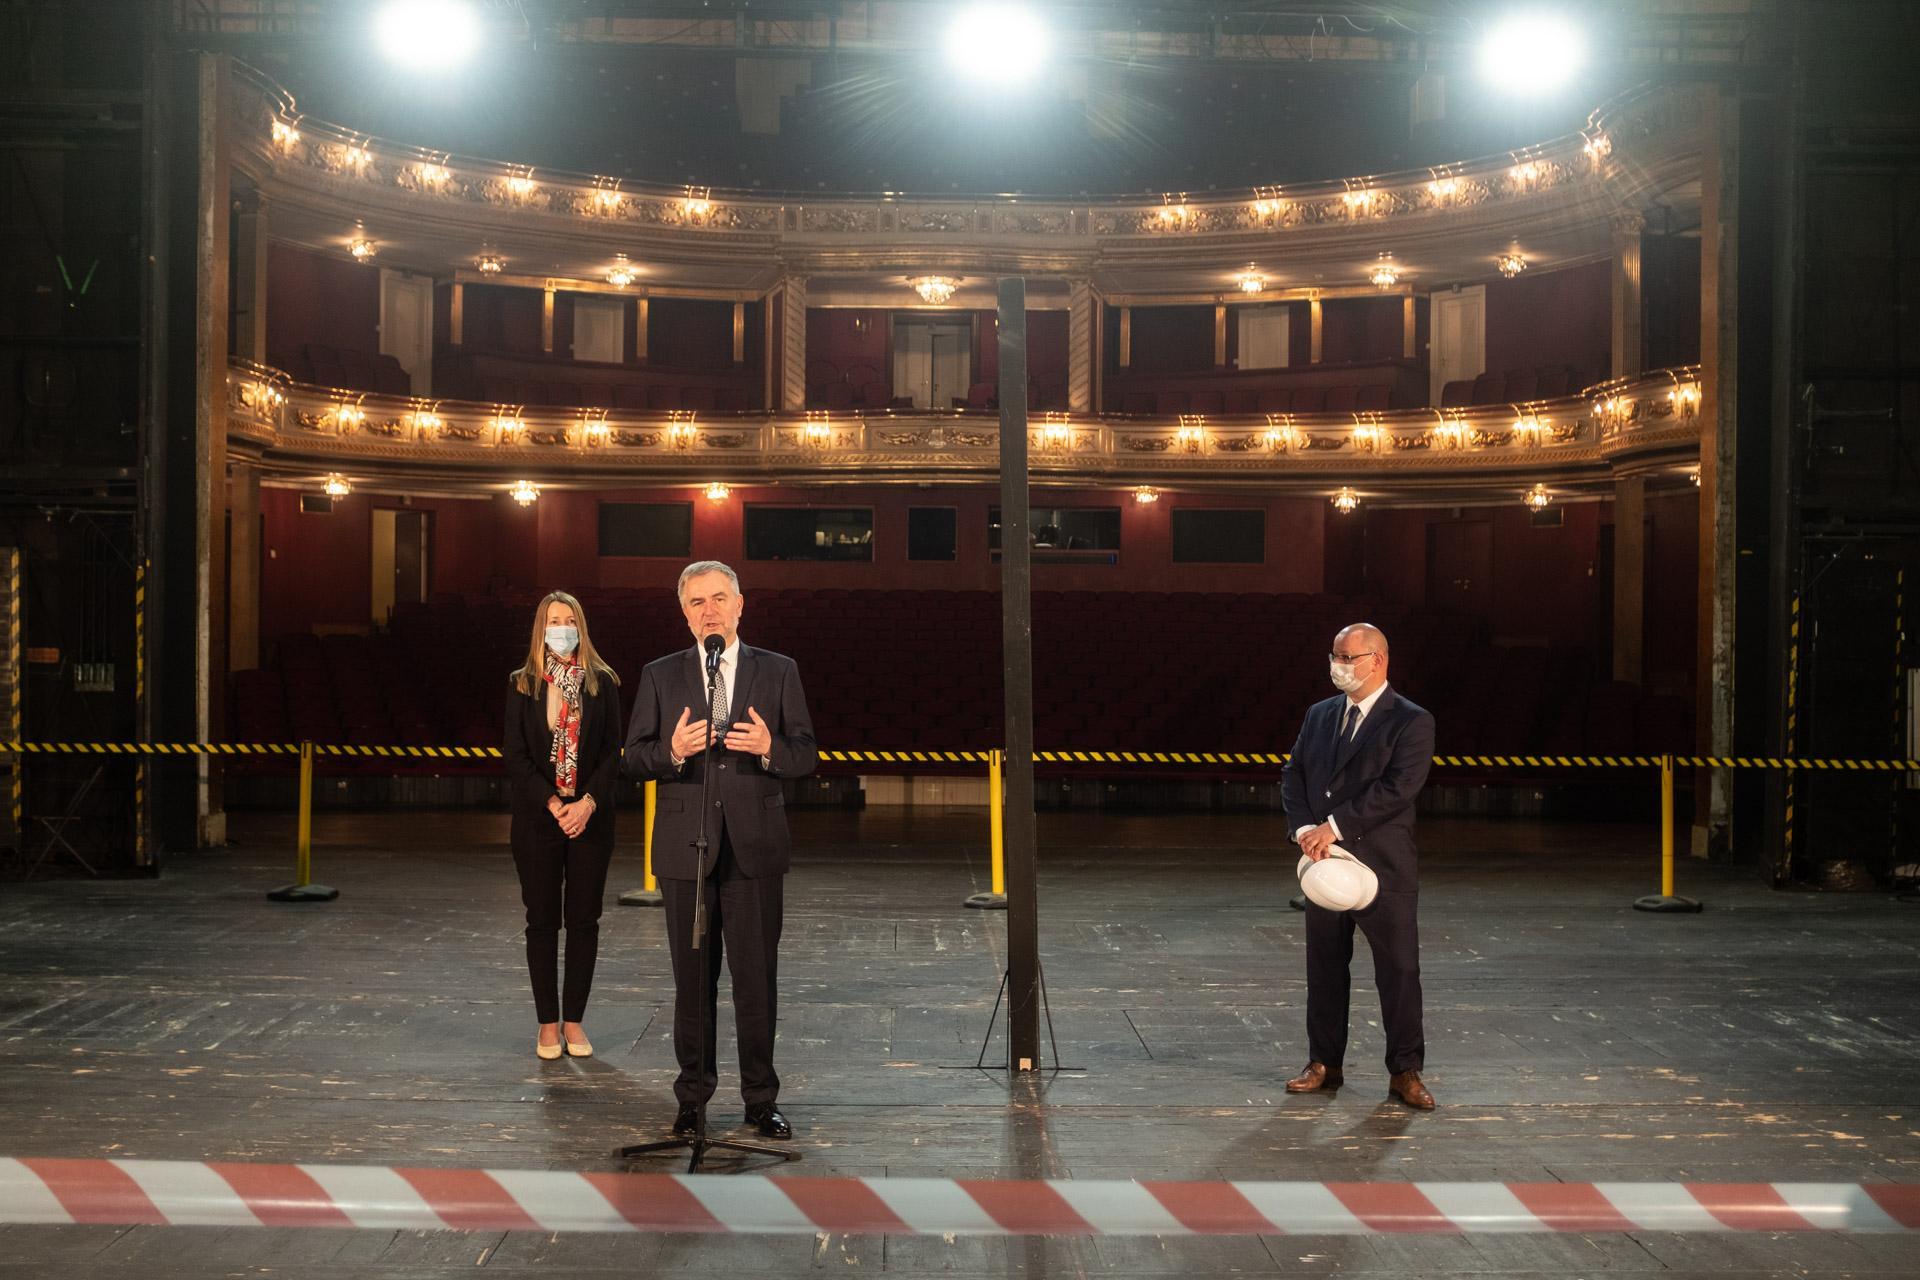 Wielki remont sceny w Teatrze Wielkim im. Stanisława Moniuszki w Poznaniu - zobacz więcej